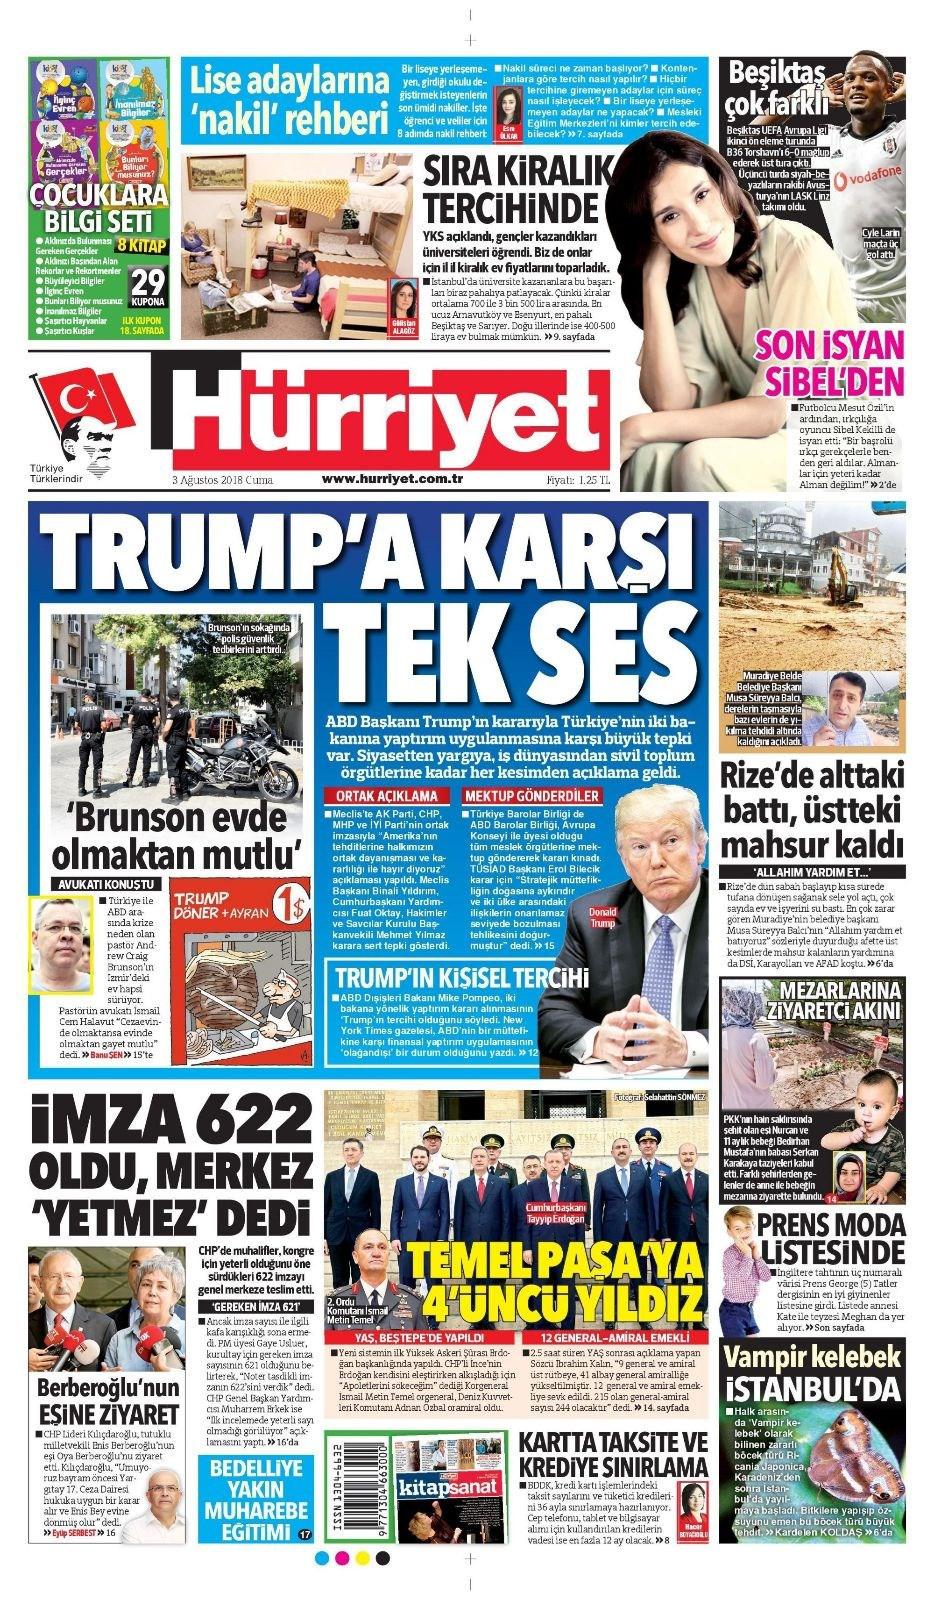 Günün gazete manşetleri (3 Ağustos 2018)